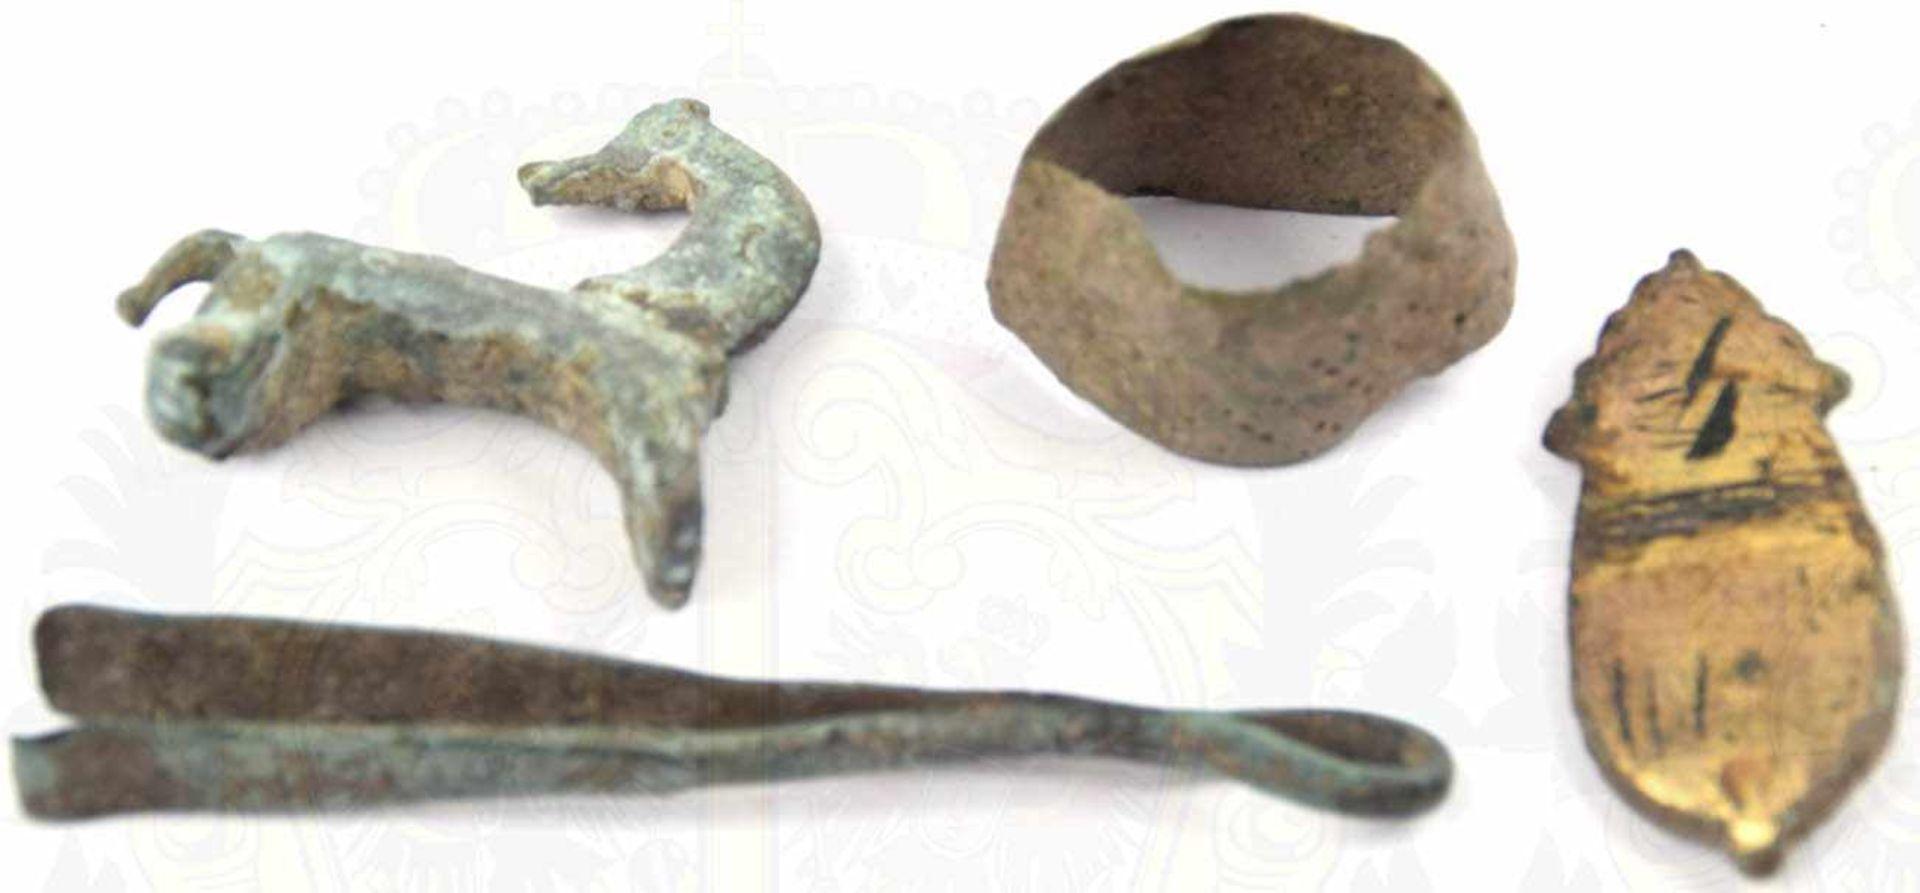 4 BODENFUNDE, Bronze, Pinzette, Fingerhut, 2 Fibeln in Form eines Pferdes u. einer Maus, 4./5. Jhd.,